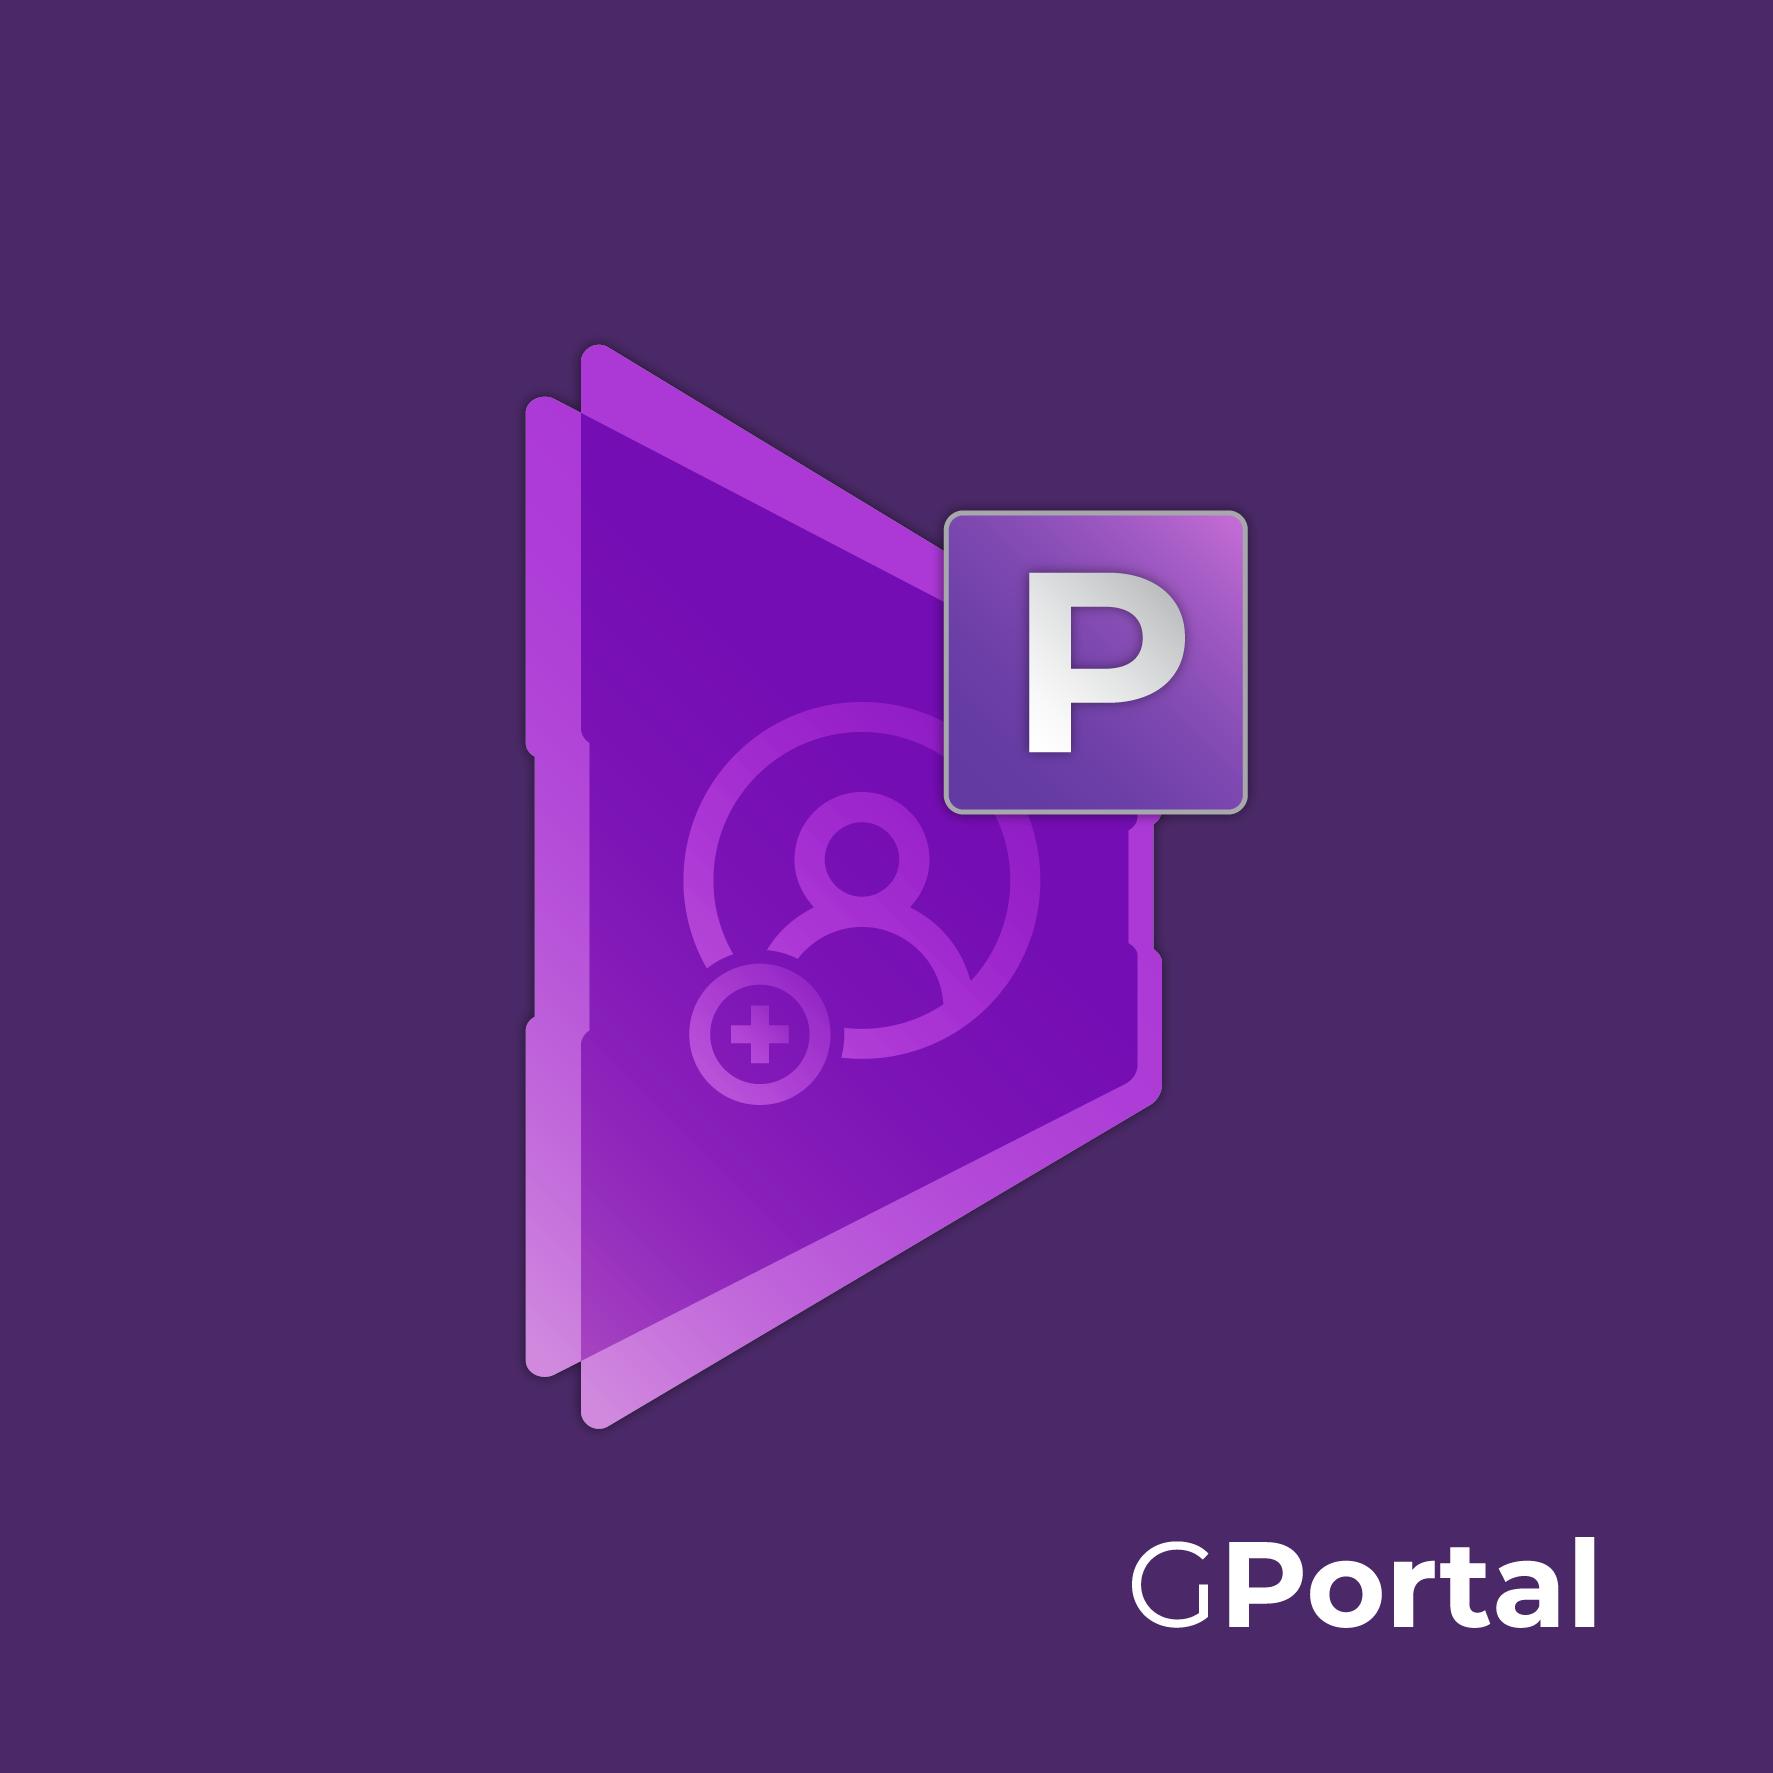 Logo GPortal aplicação alternativa